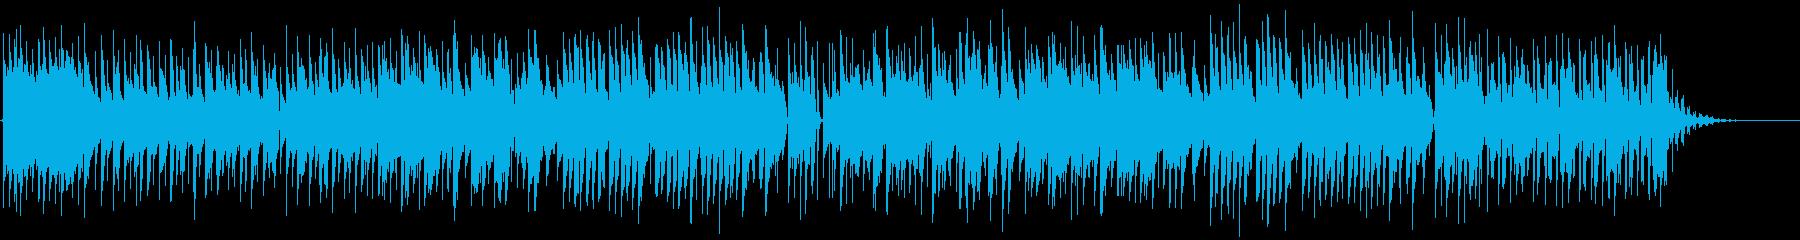 60年代風ポップロックPart2の再生済みの波形